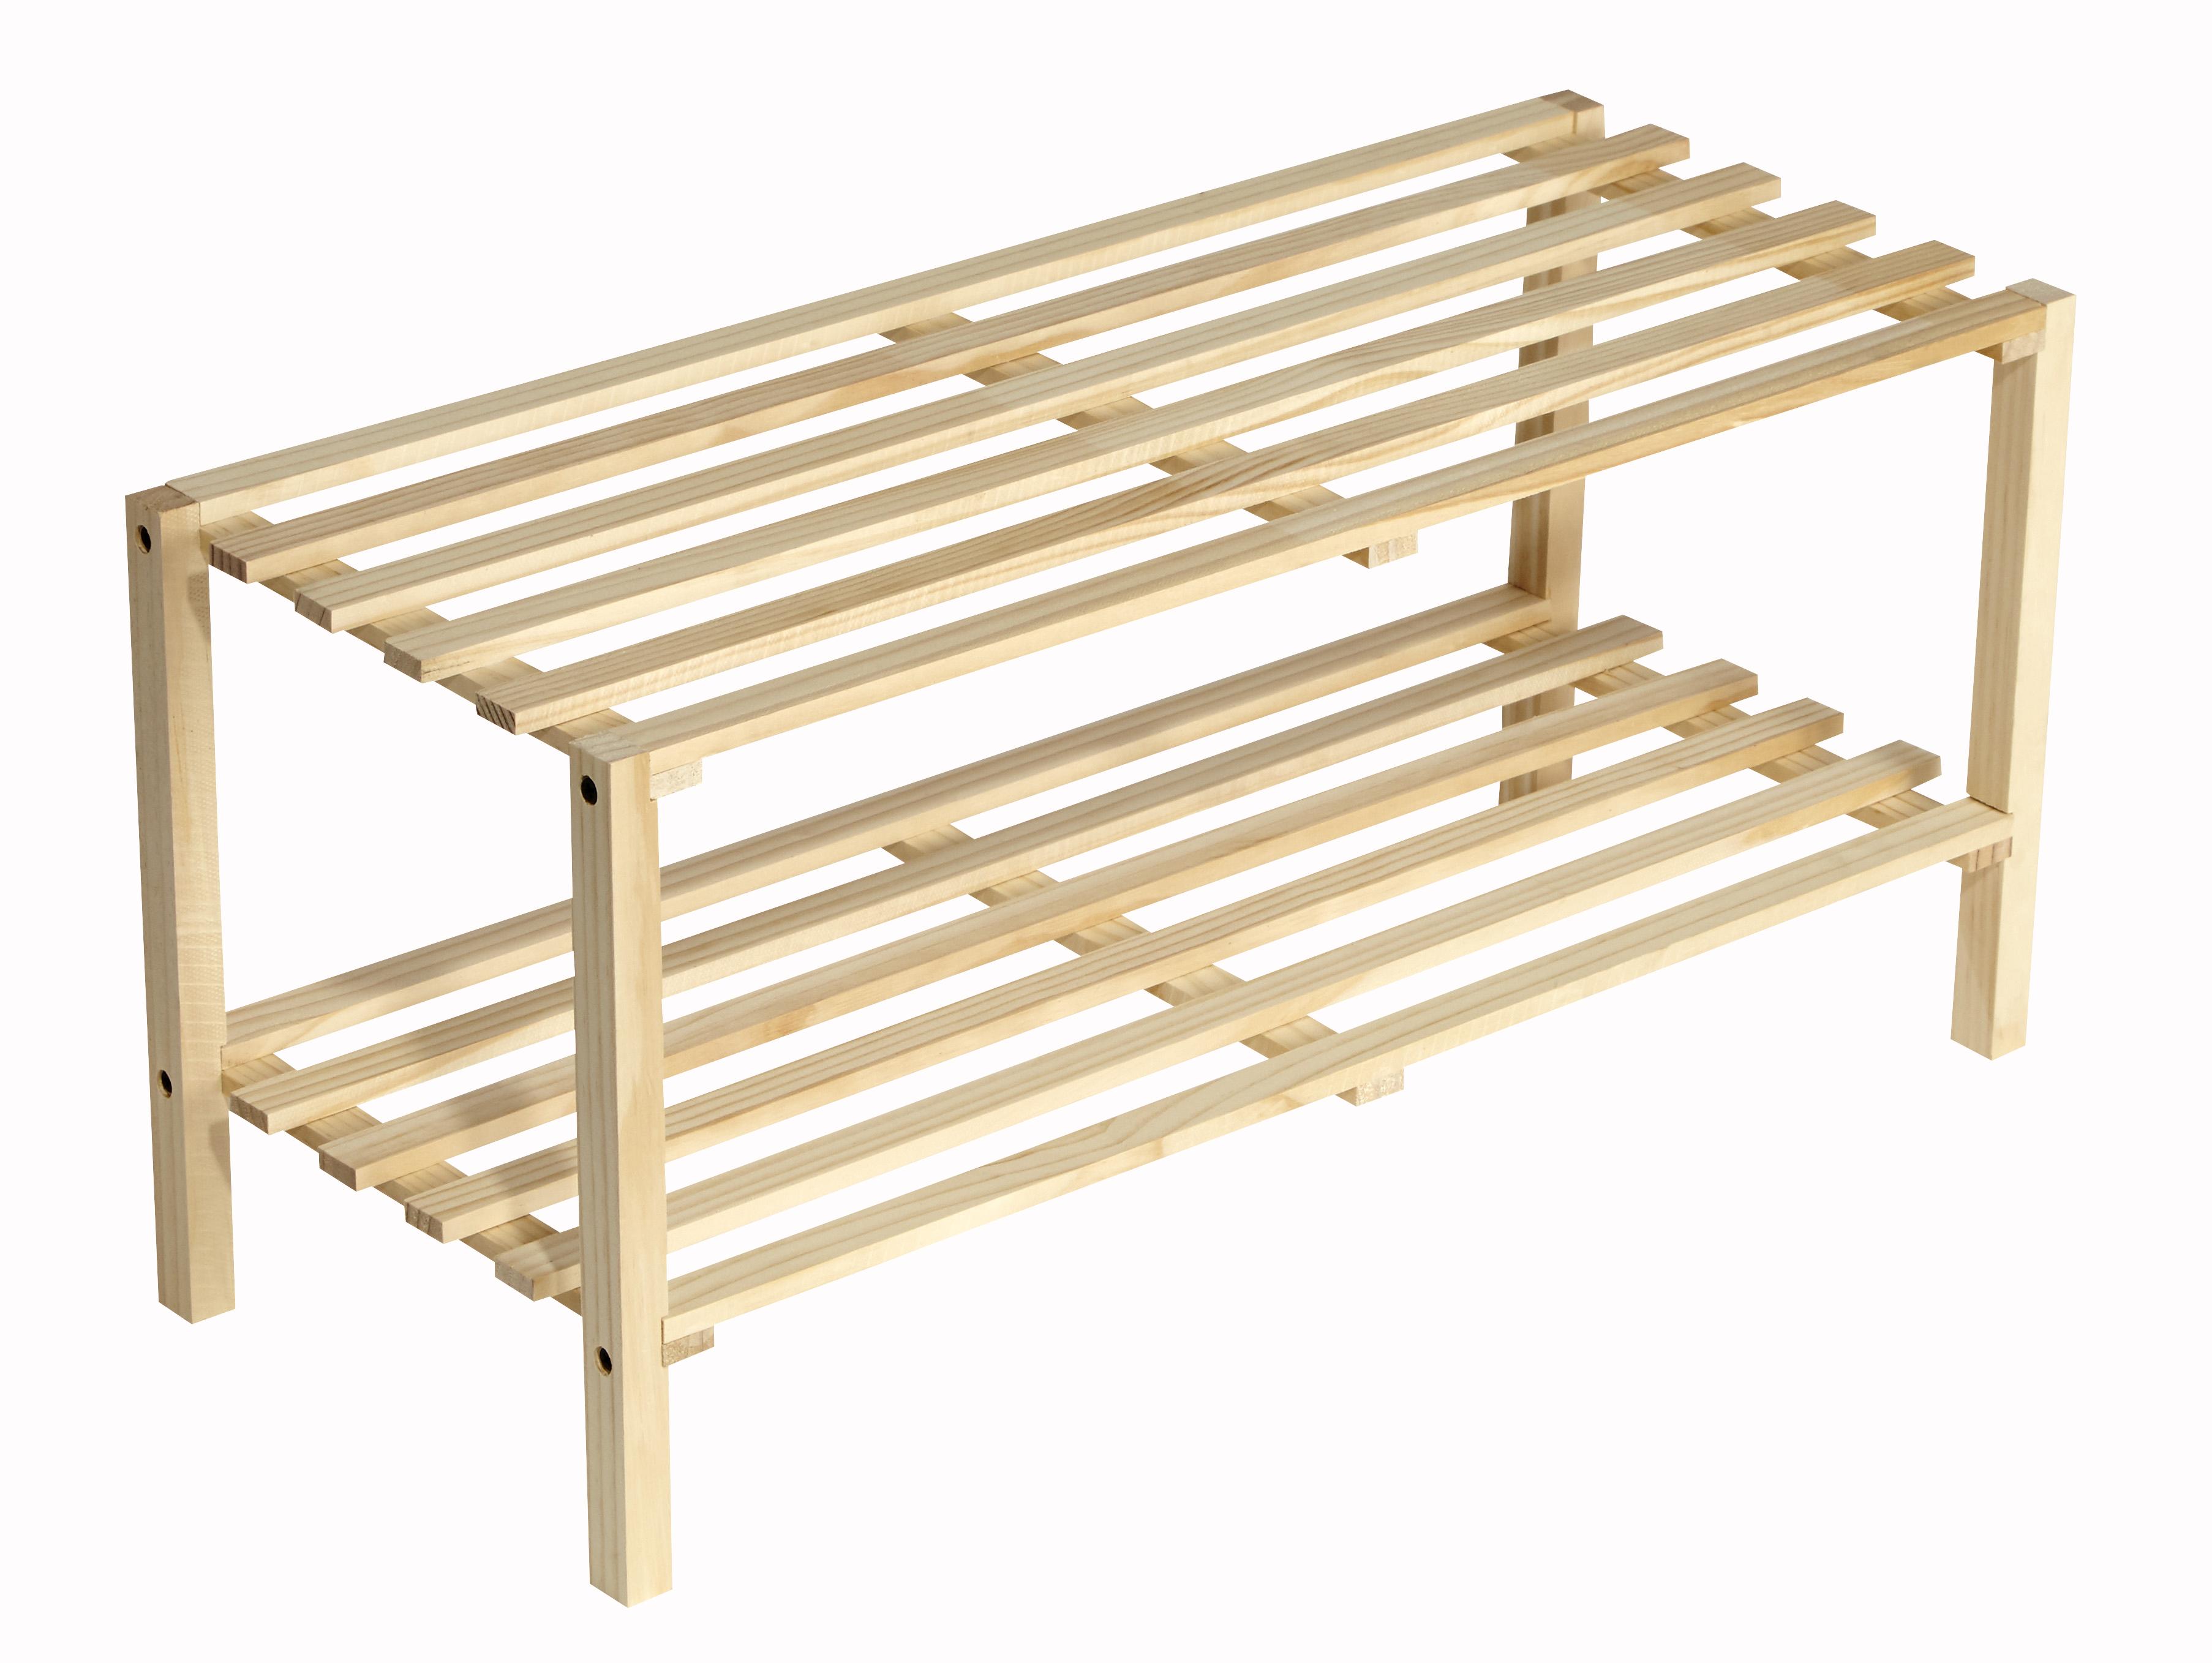 carrefour range chaussures en bois coloris naturel 2425 pas cher achat vente. Black Bedroom Furniture Sets. Home Design Ideas